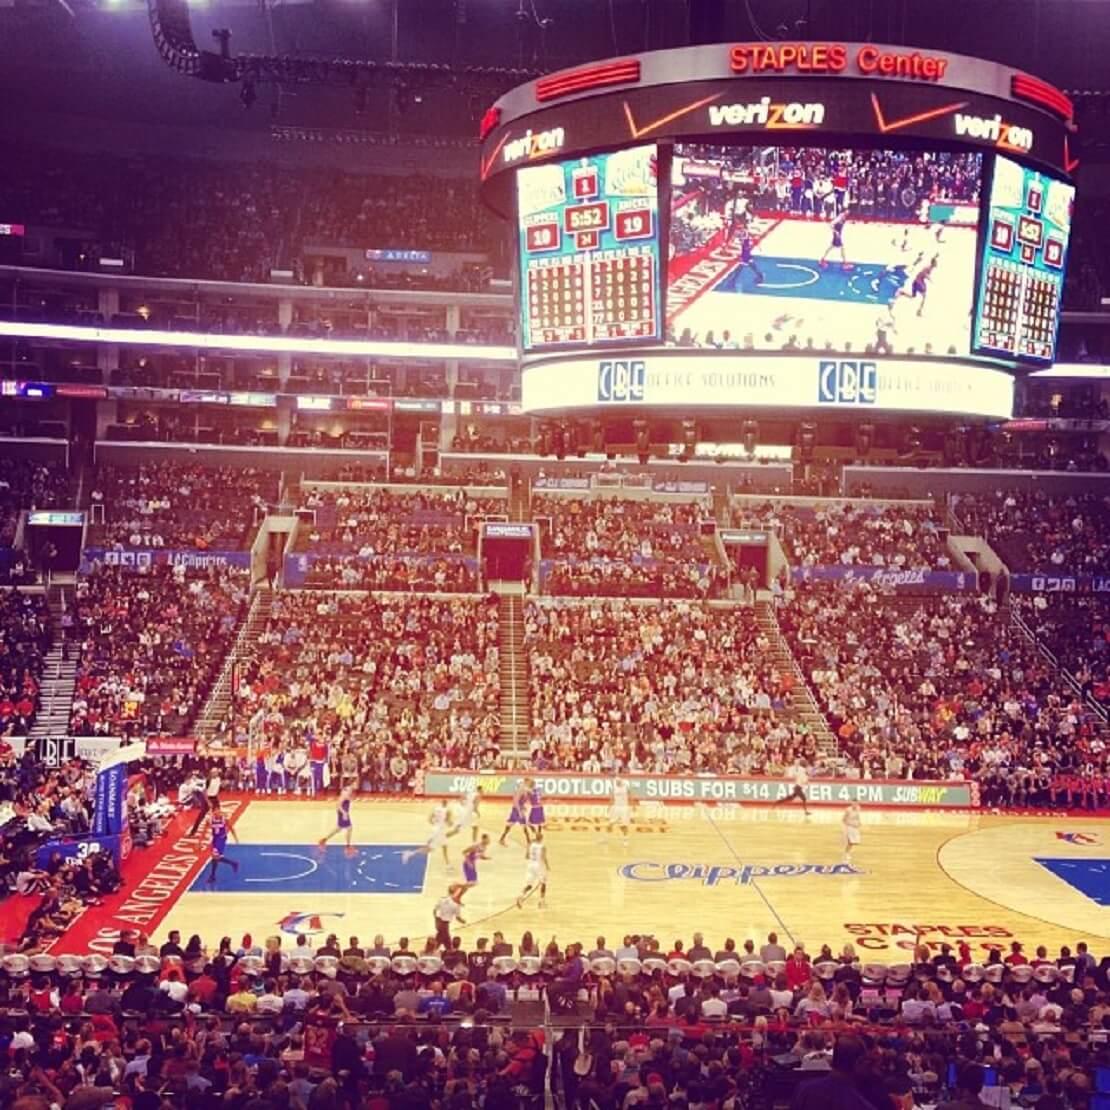 Ein Basketballspiel Clippers gegen Knicks